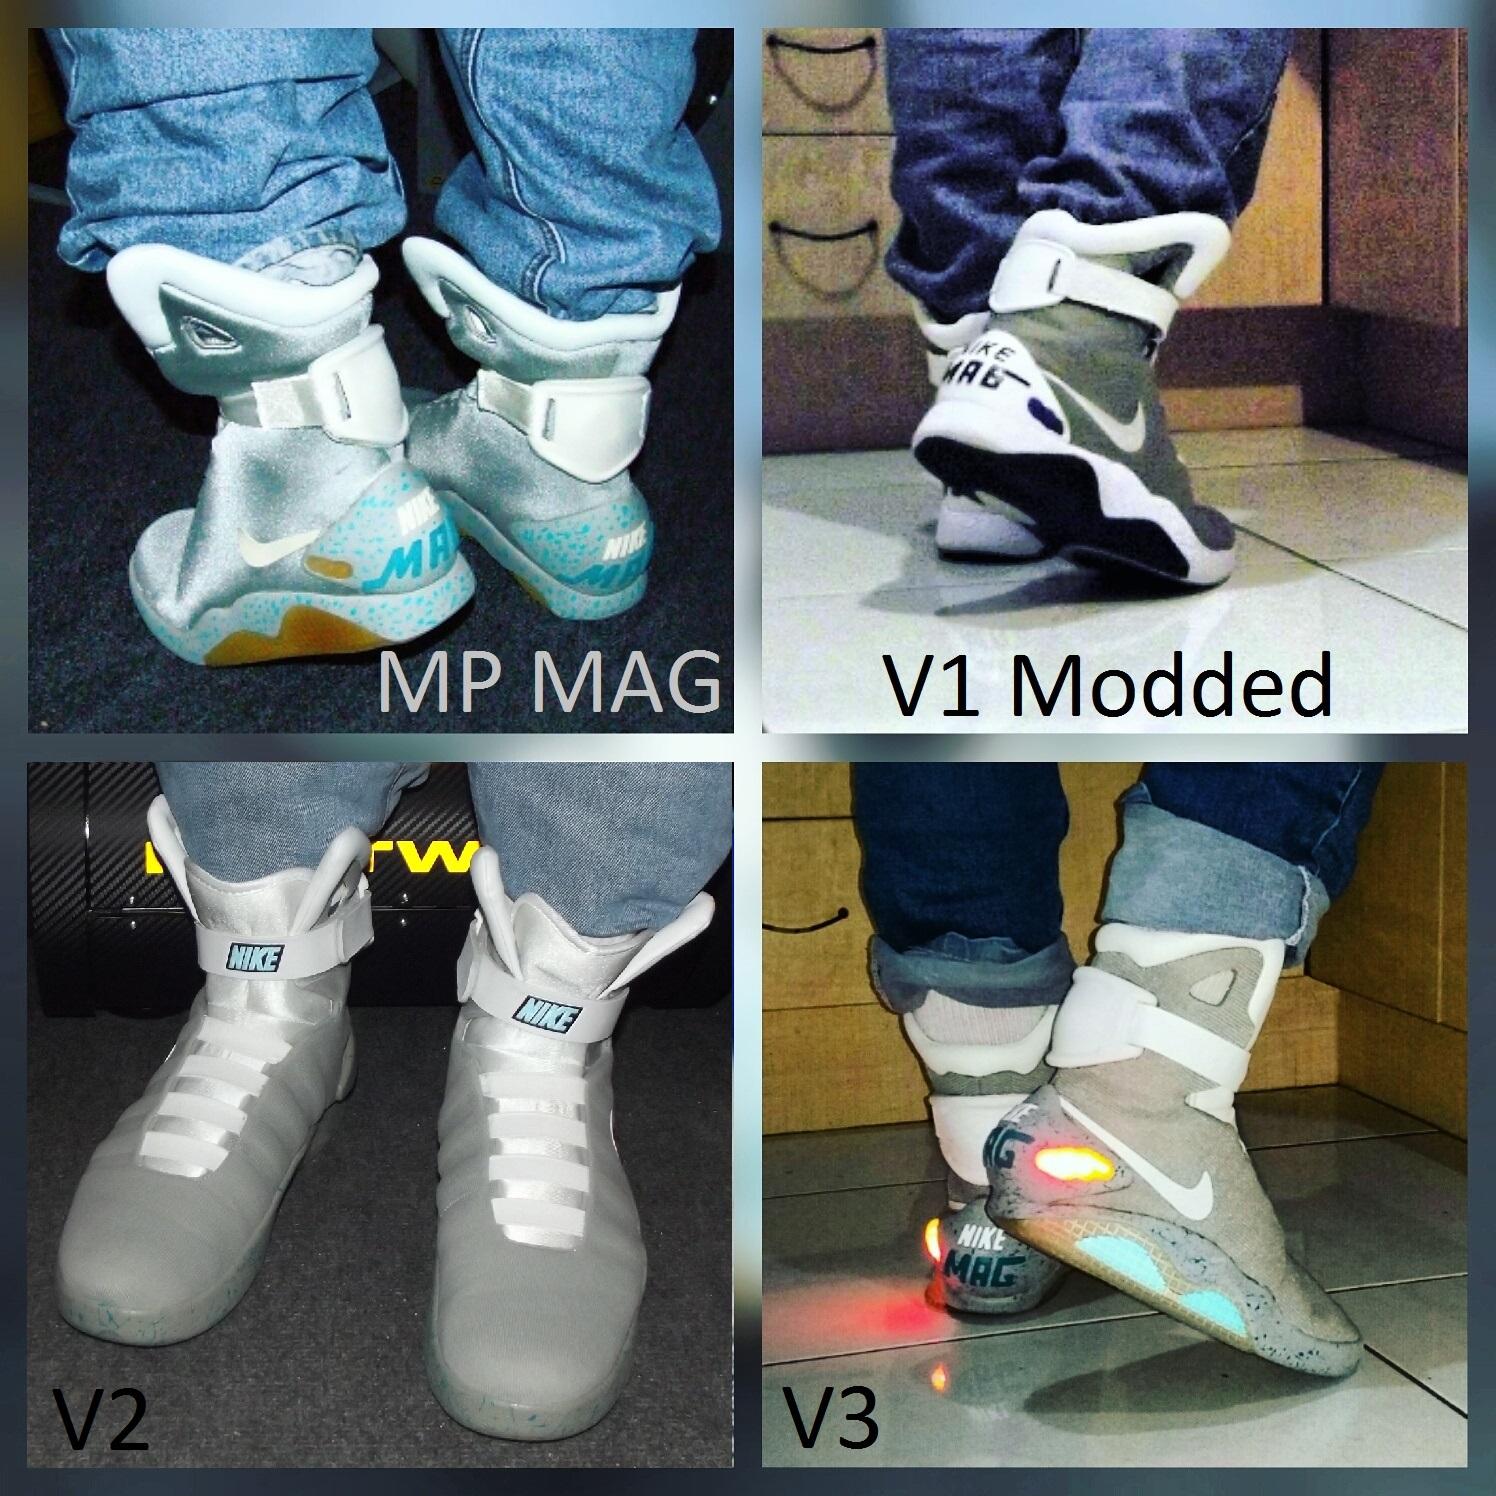 04b318a460e Official V3 Nike MAG Replica Thread - V3 Discussion Thread | RPF ...